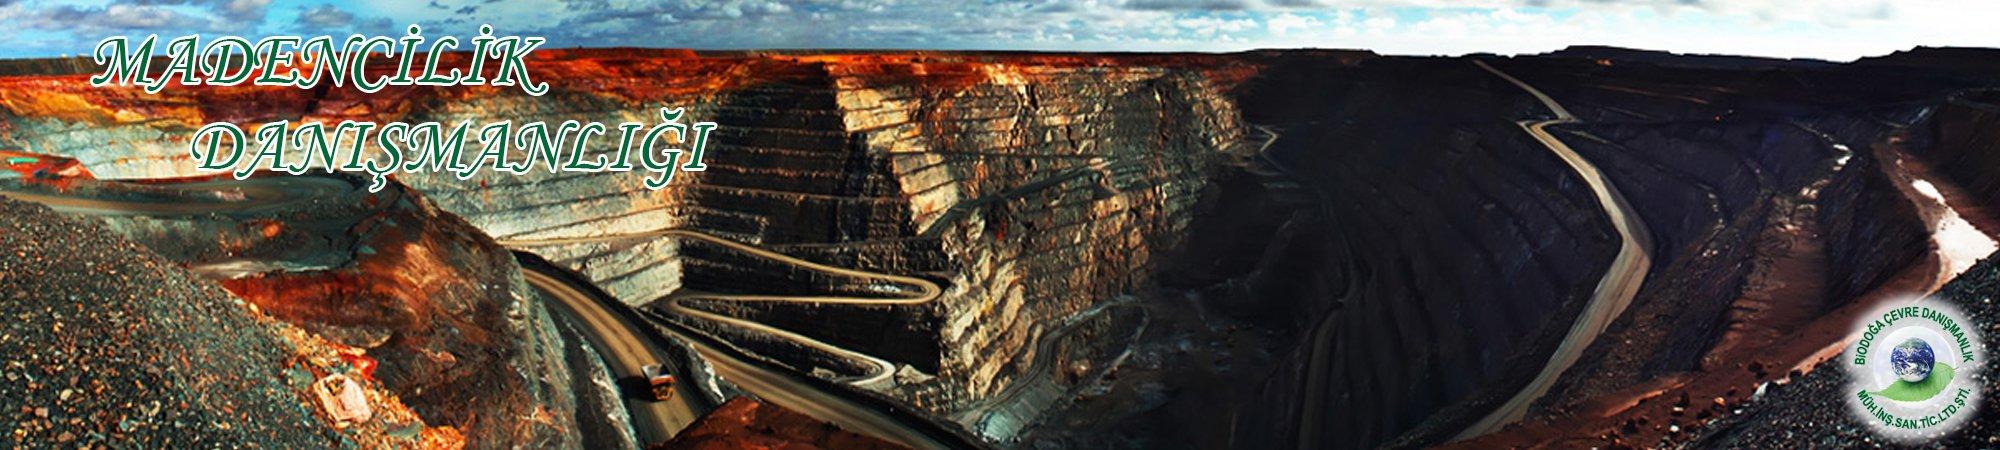 Madencilik Danışmanlığı